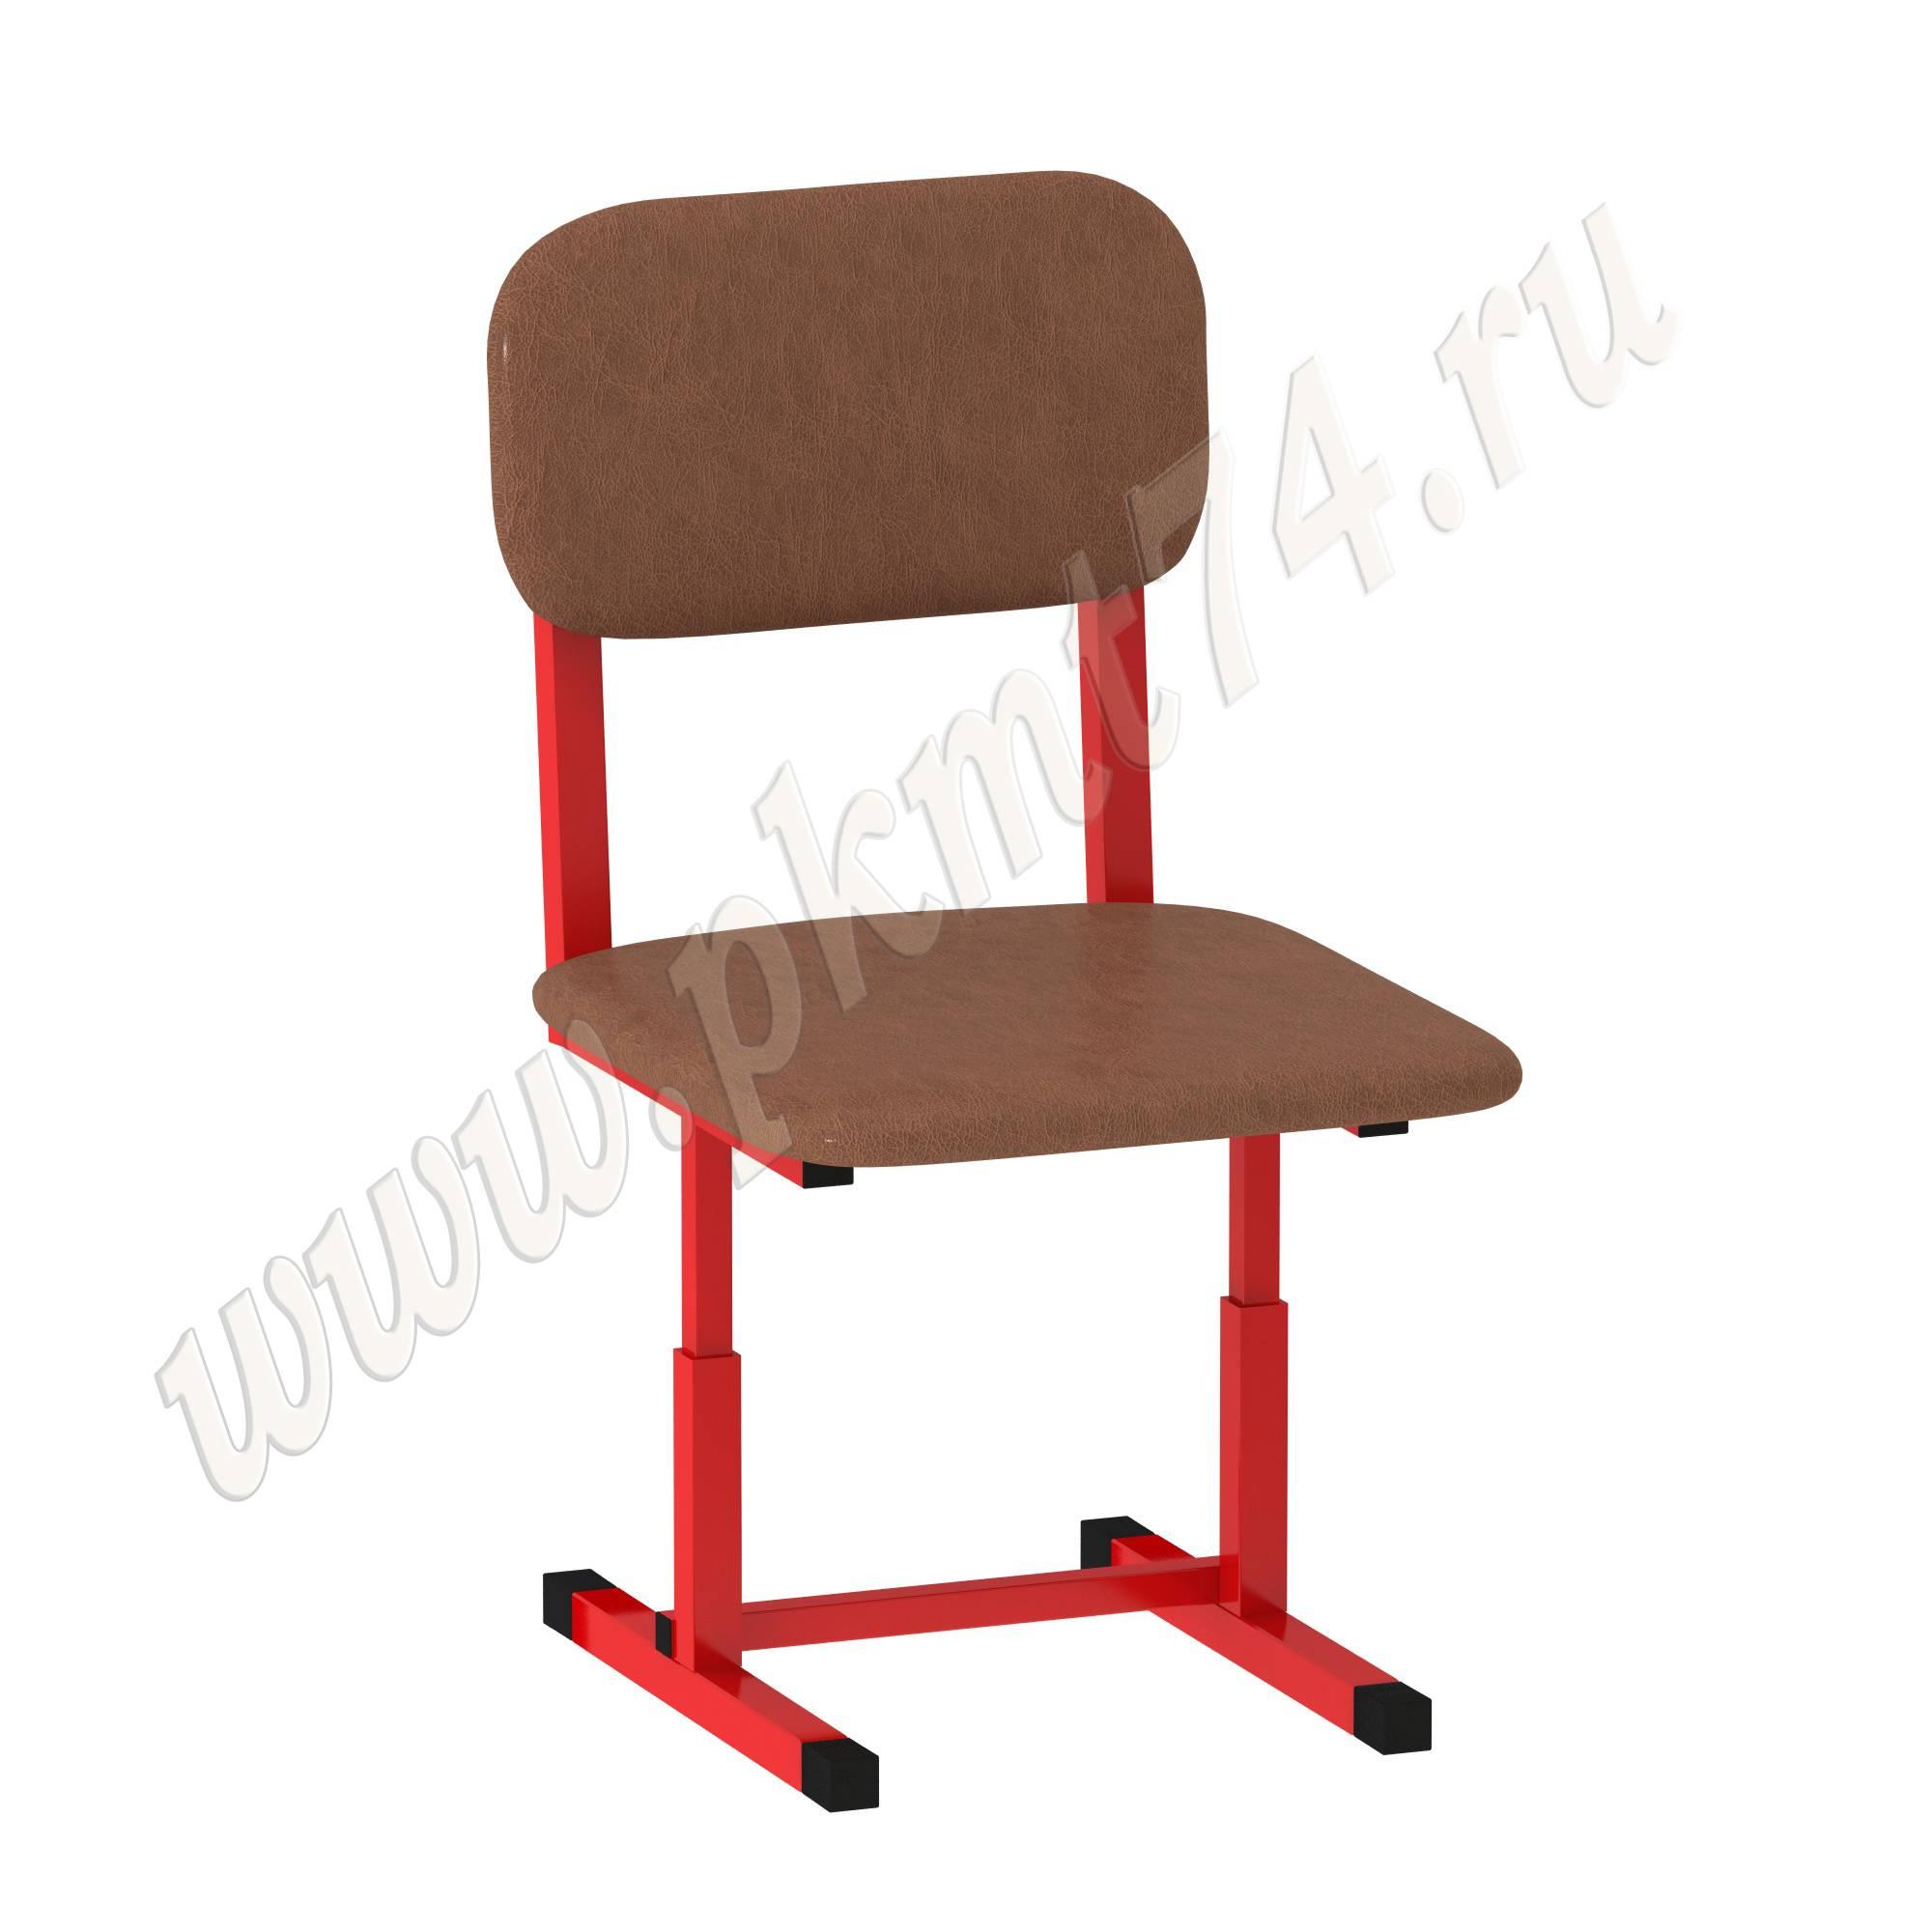 Стул Малыш регулируемый мягкий МТ 17-222 Коричневое сиденье красный каркас